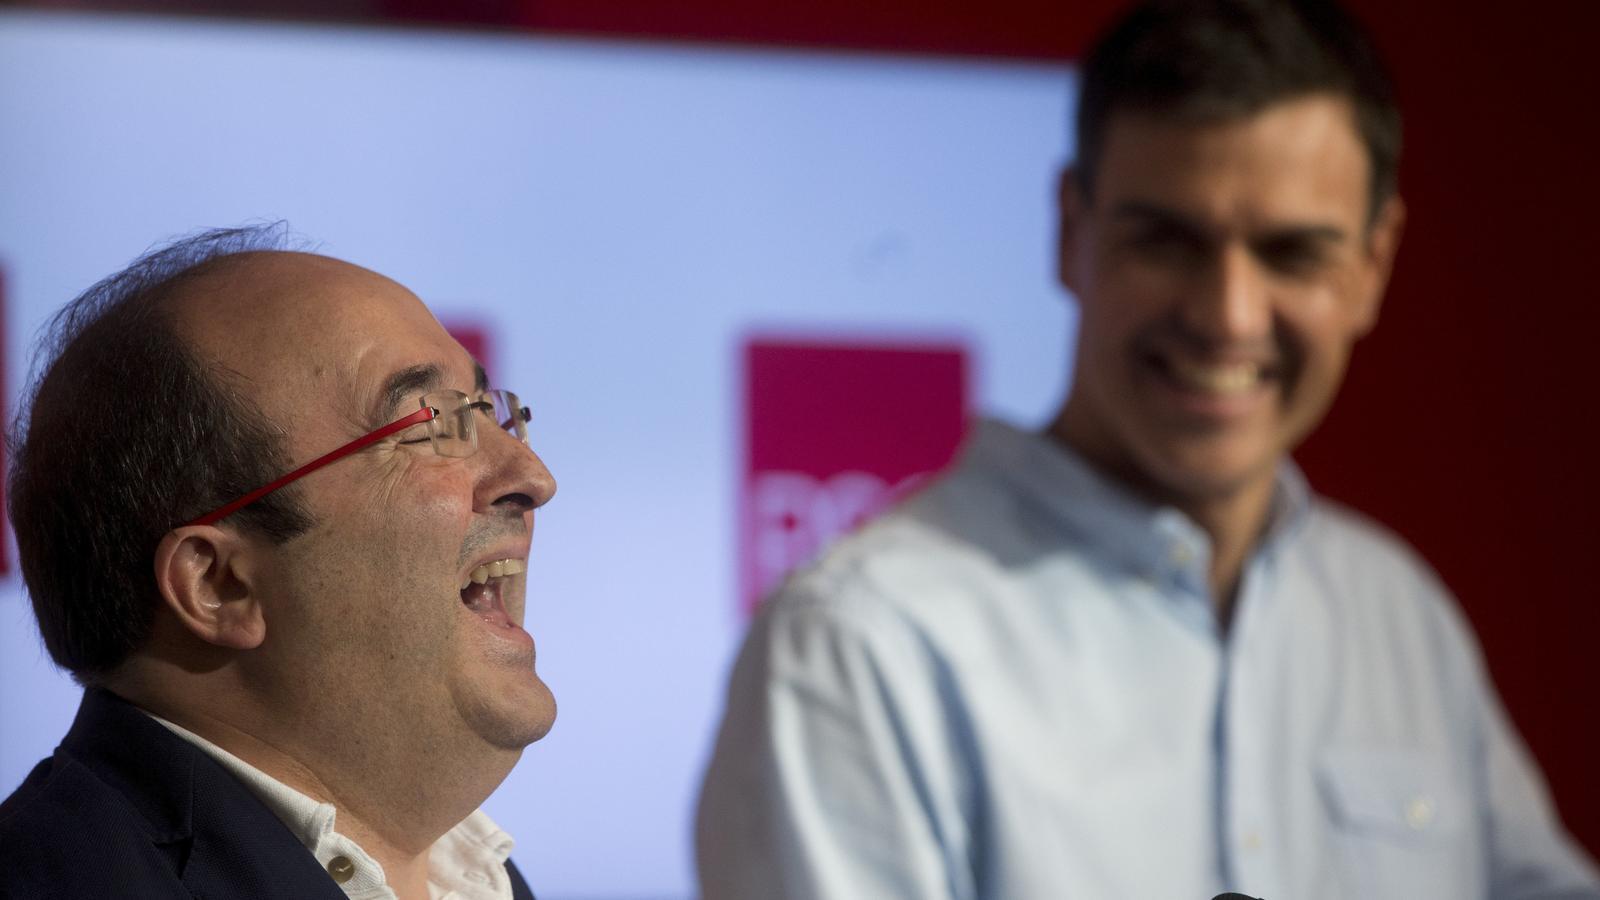 EN DIRECTE: Miquel Iceta és proclamat candidat del PSC en un multitudinari acte amb Pedro Sánchez